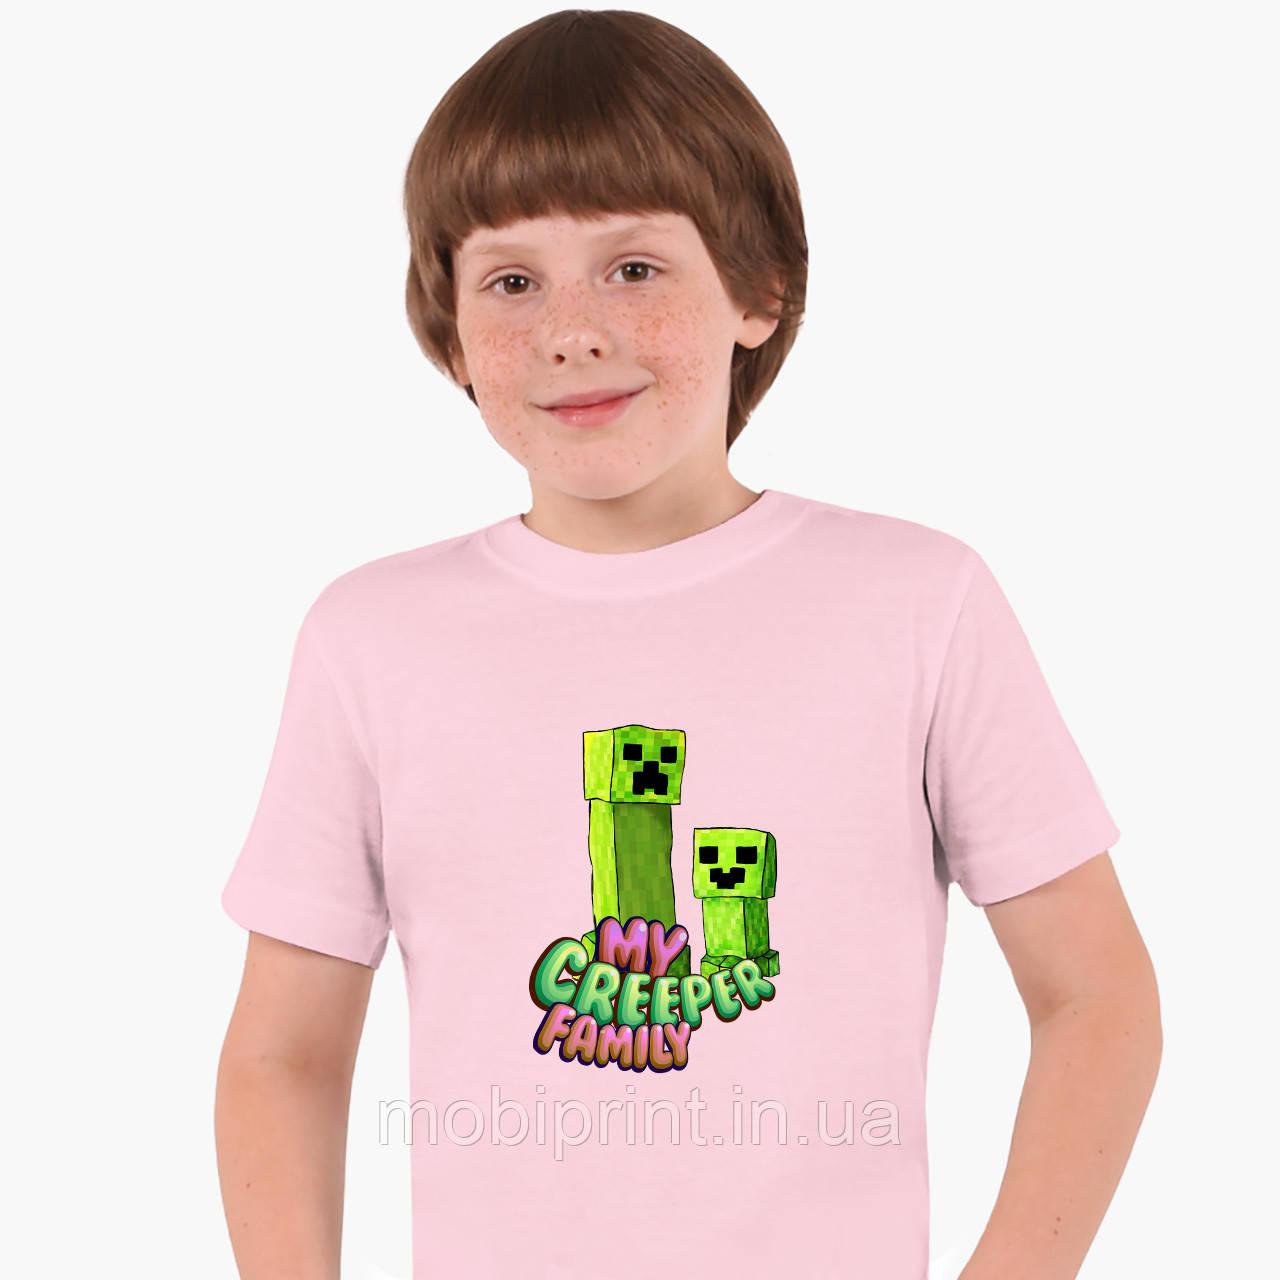 Детская футболка для мальчиков Майнкрафт (Minecraft) (25186-1176) Розовый